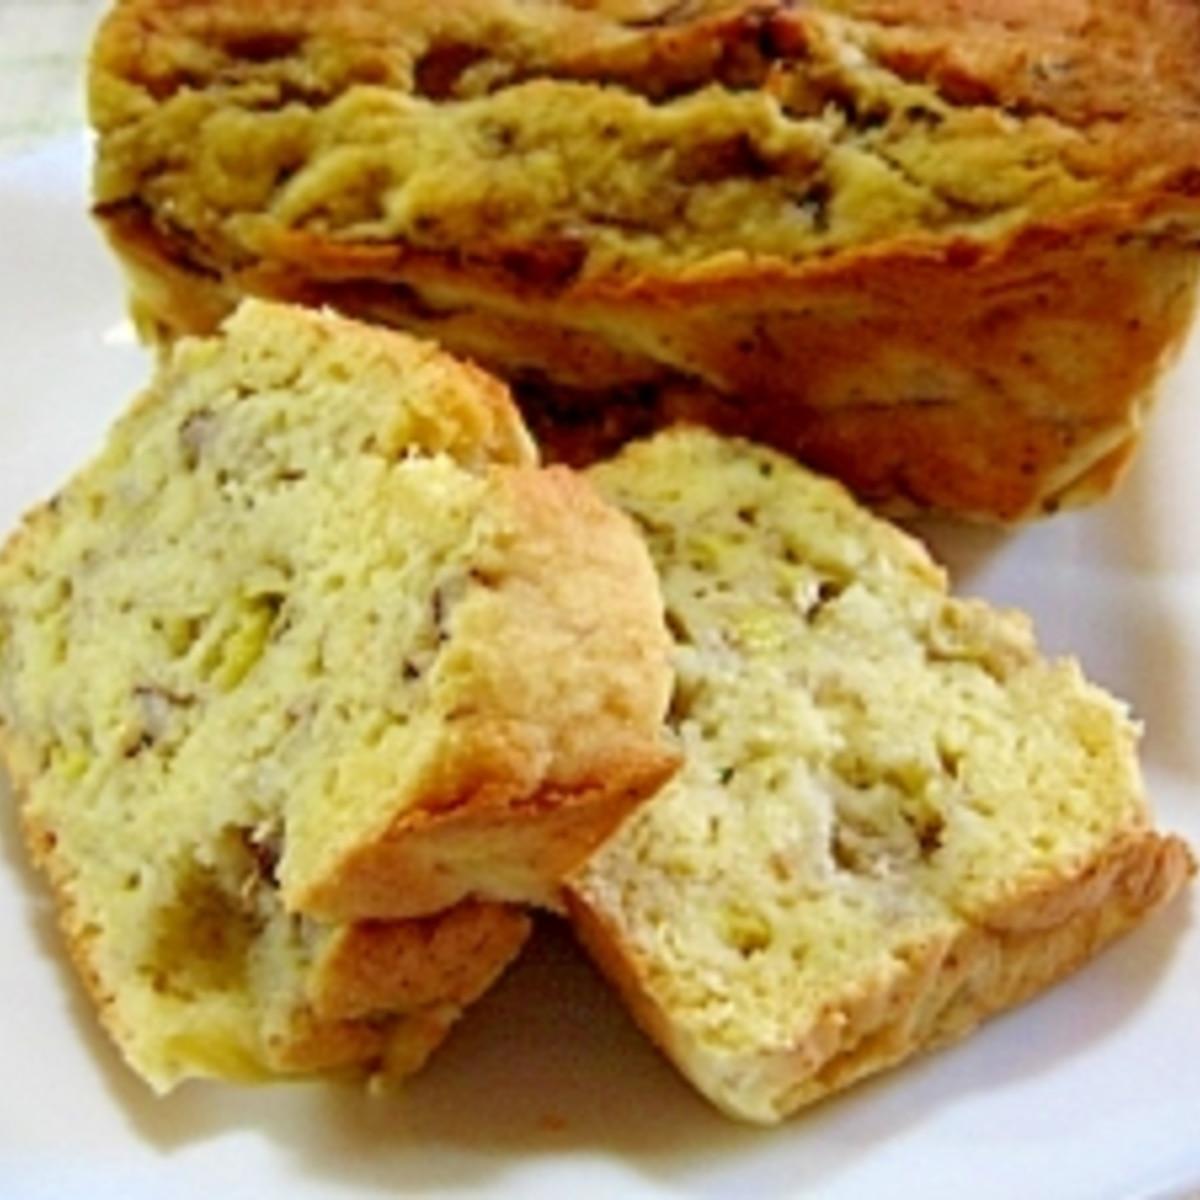 パウンド ケーキ ケーキ ミックス ホット バナナ